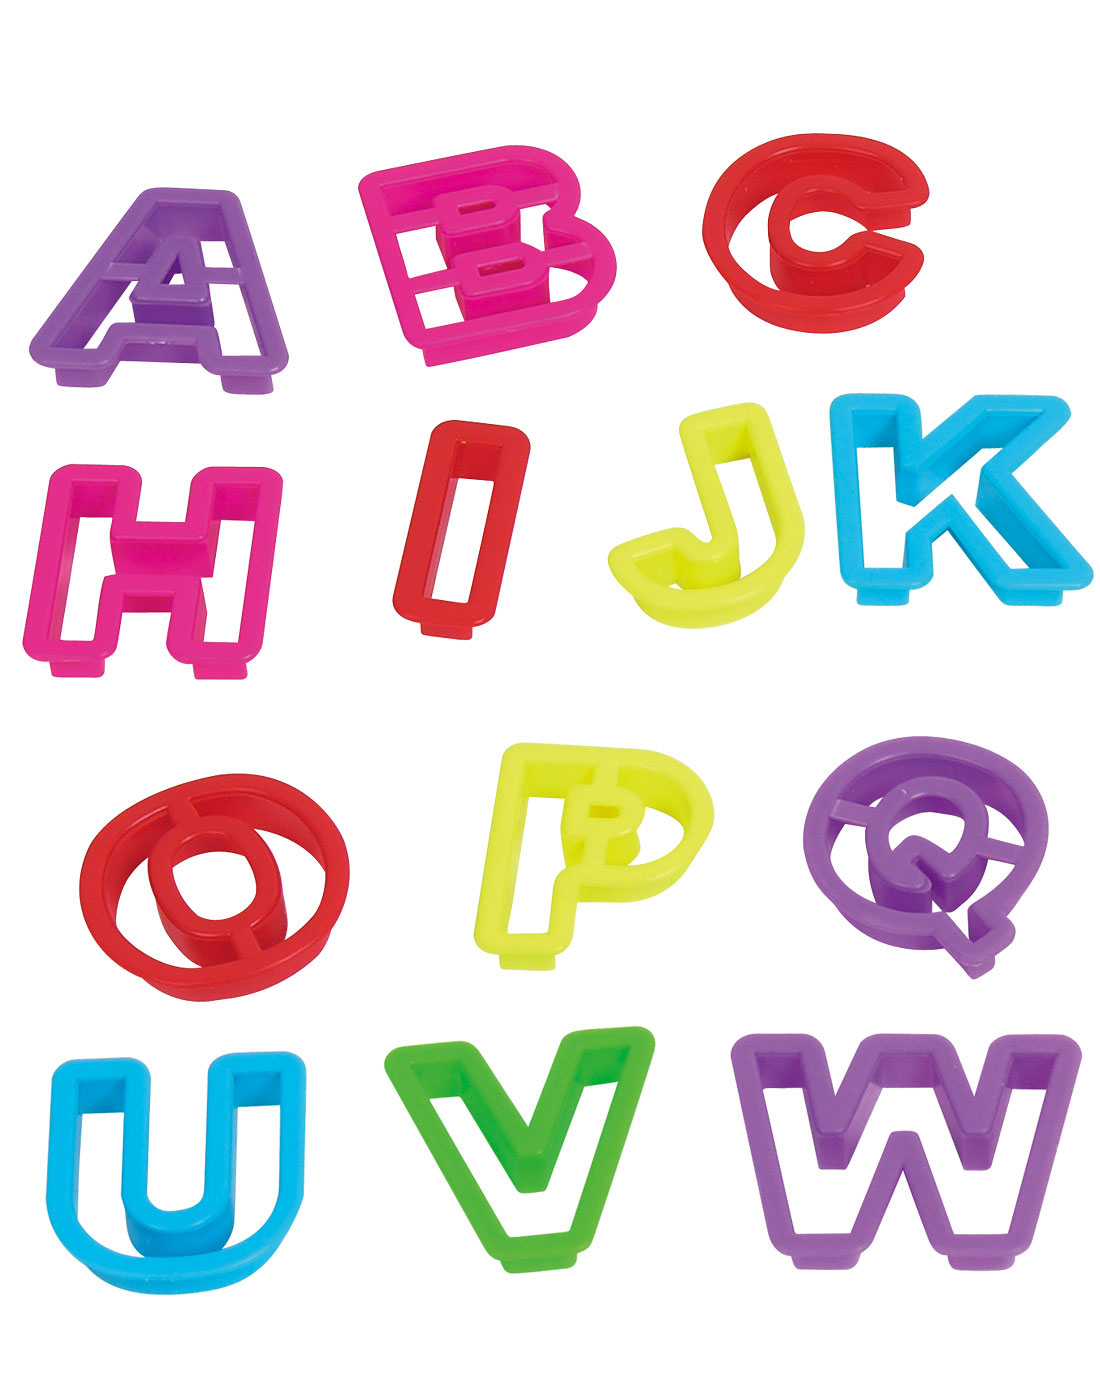 迪士尼圆形logo矢量图